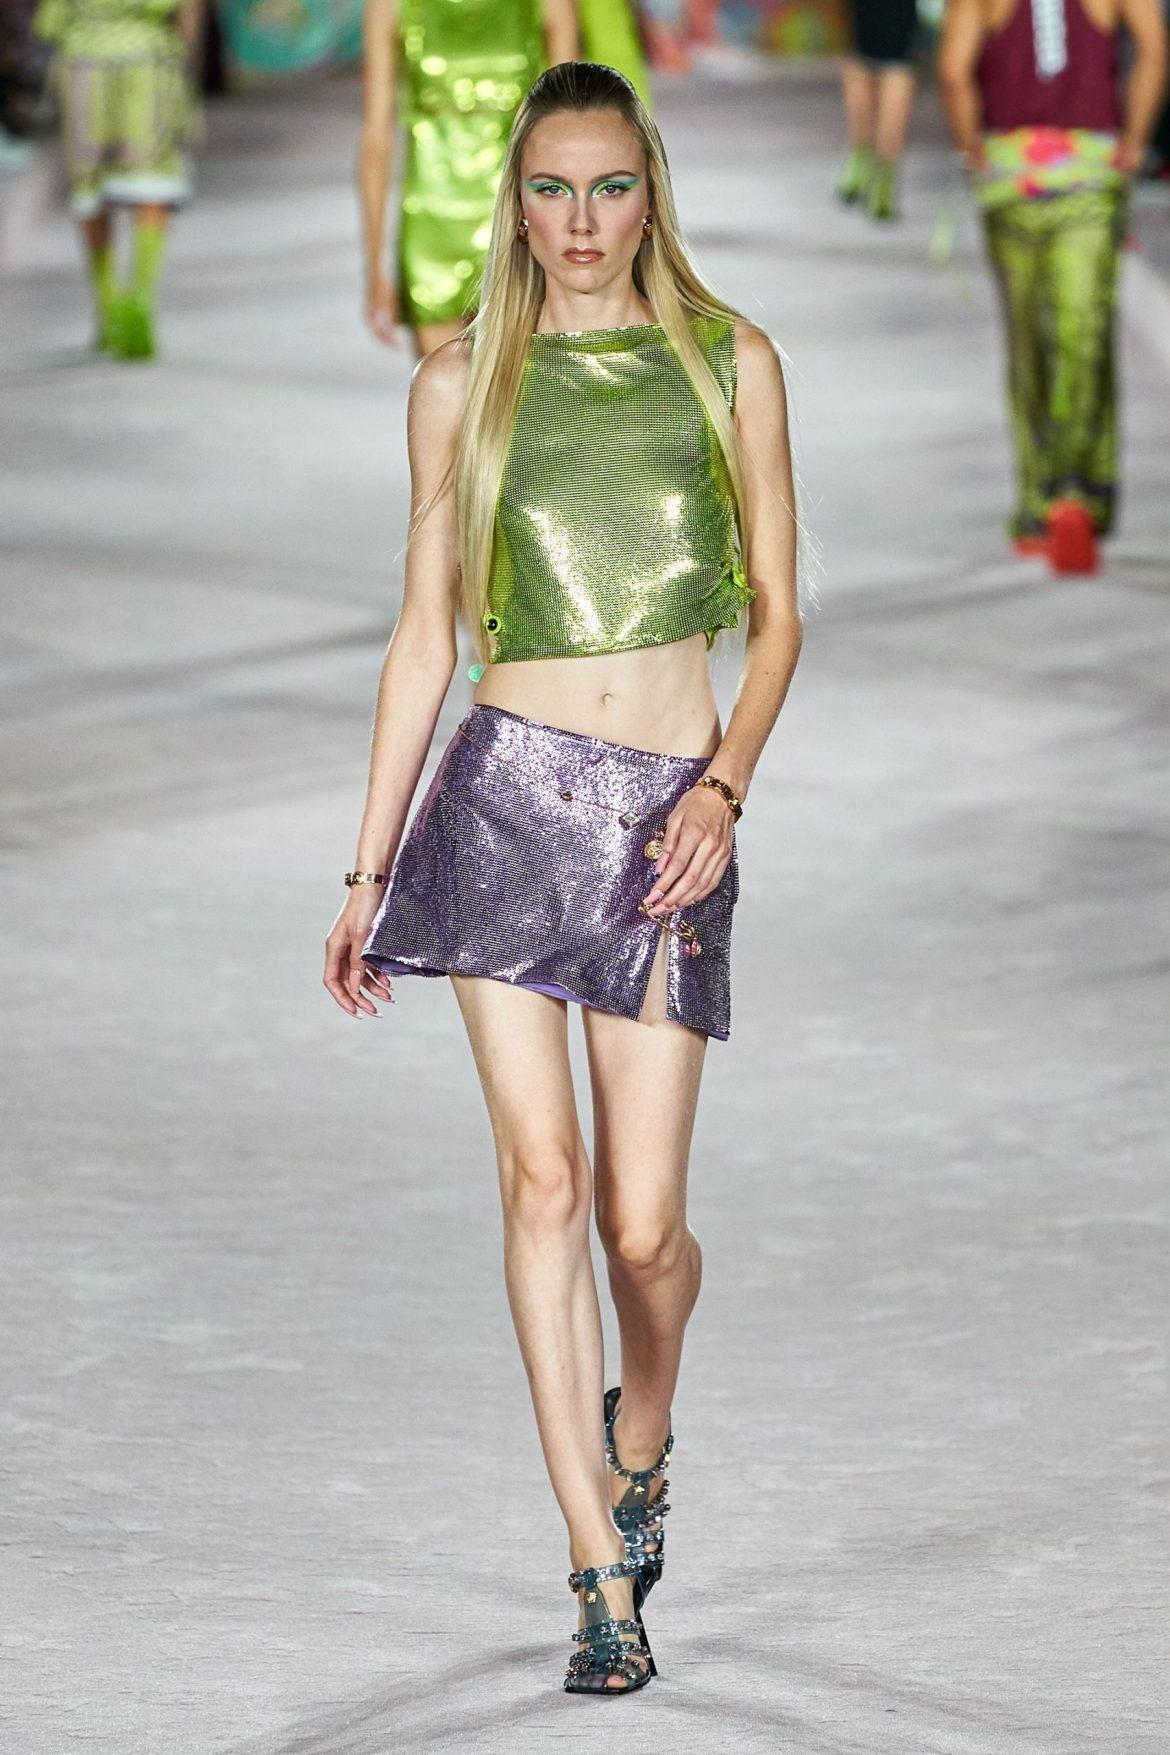 toto com Look total lamê minissaia e top da Versace semana de Moda de Milão. Primavera 22.